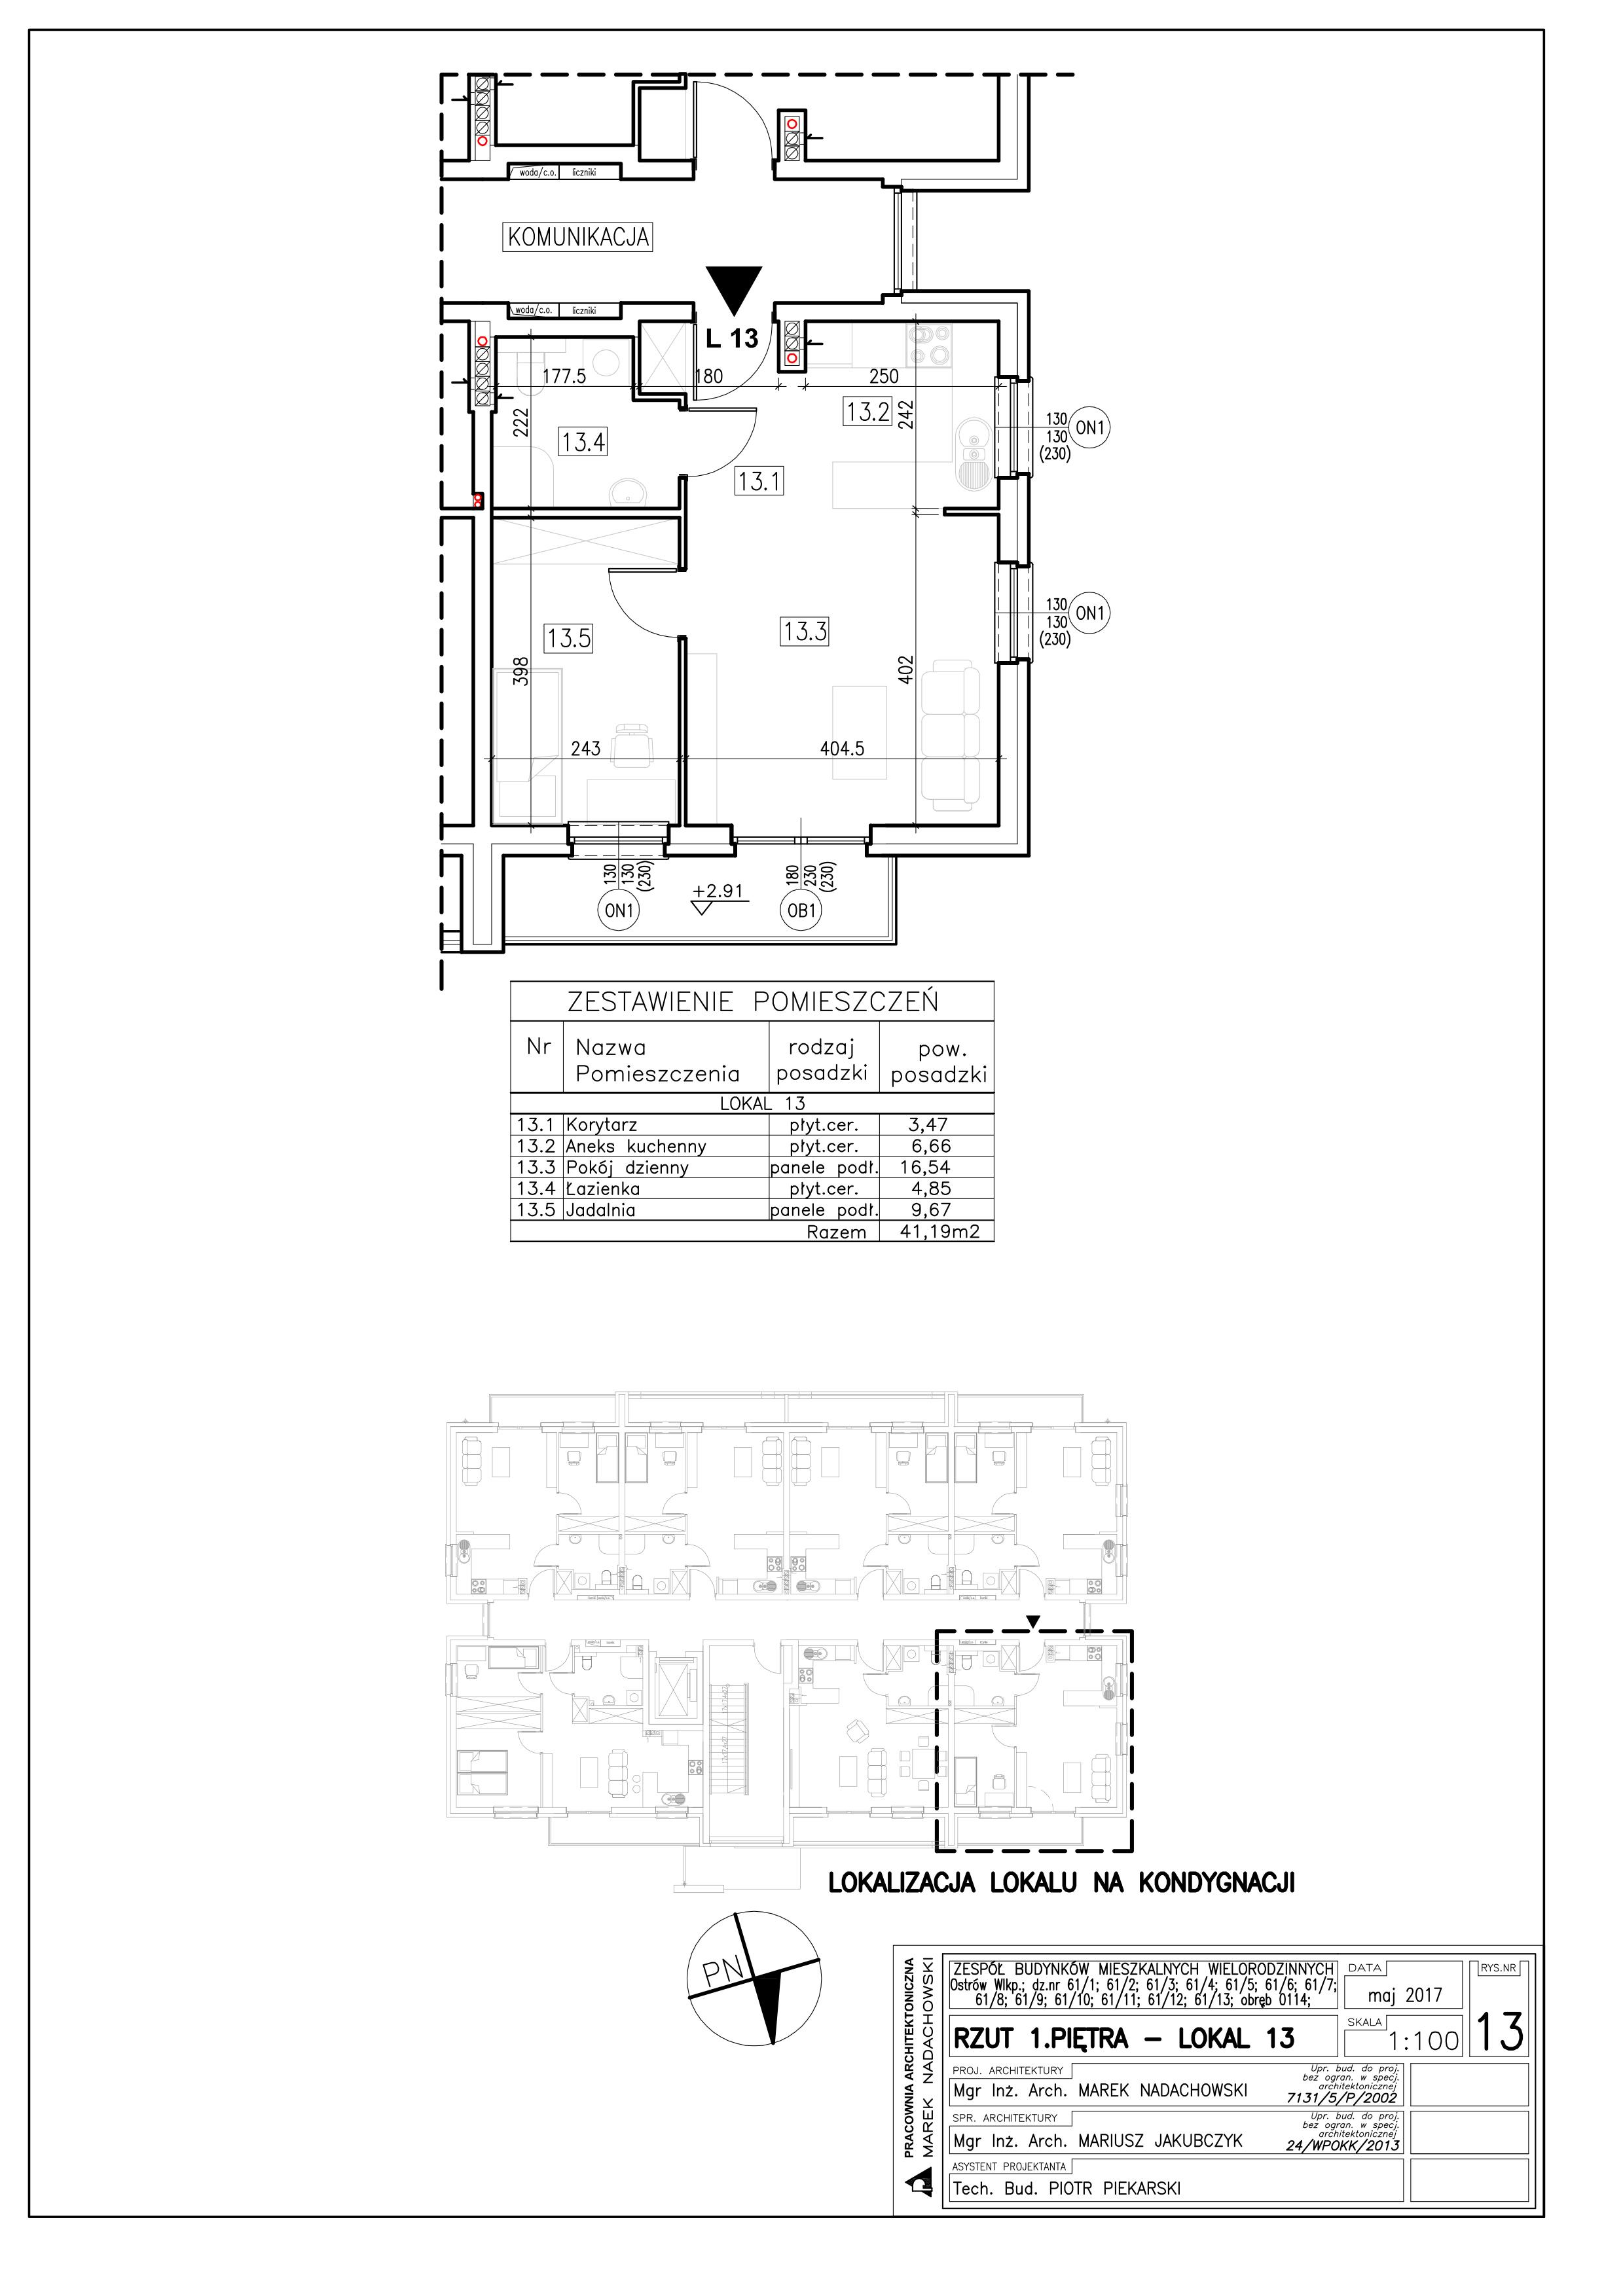 Lokal nr 13 Powierzchnia: 41,19 m2